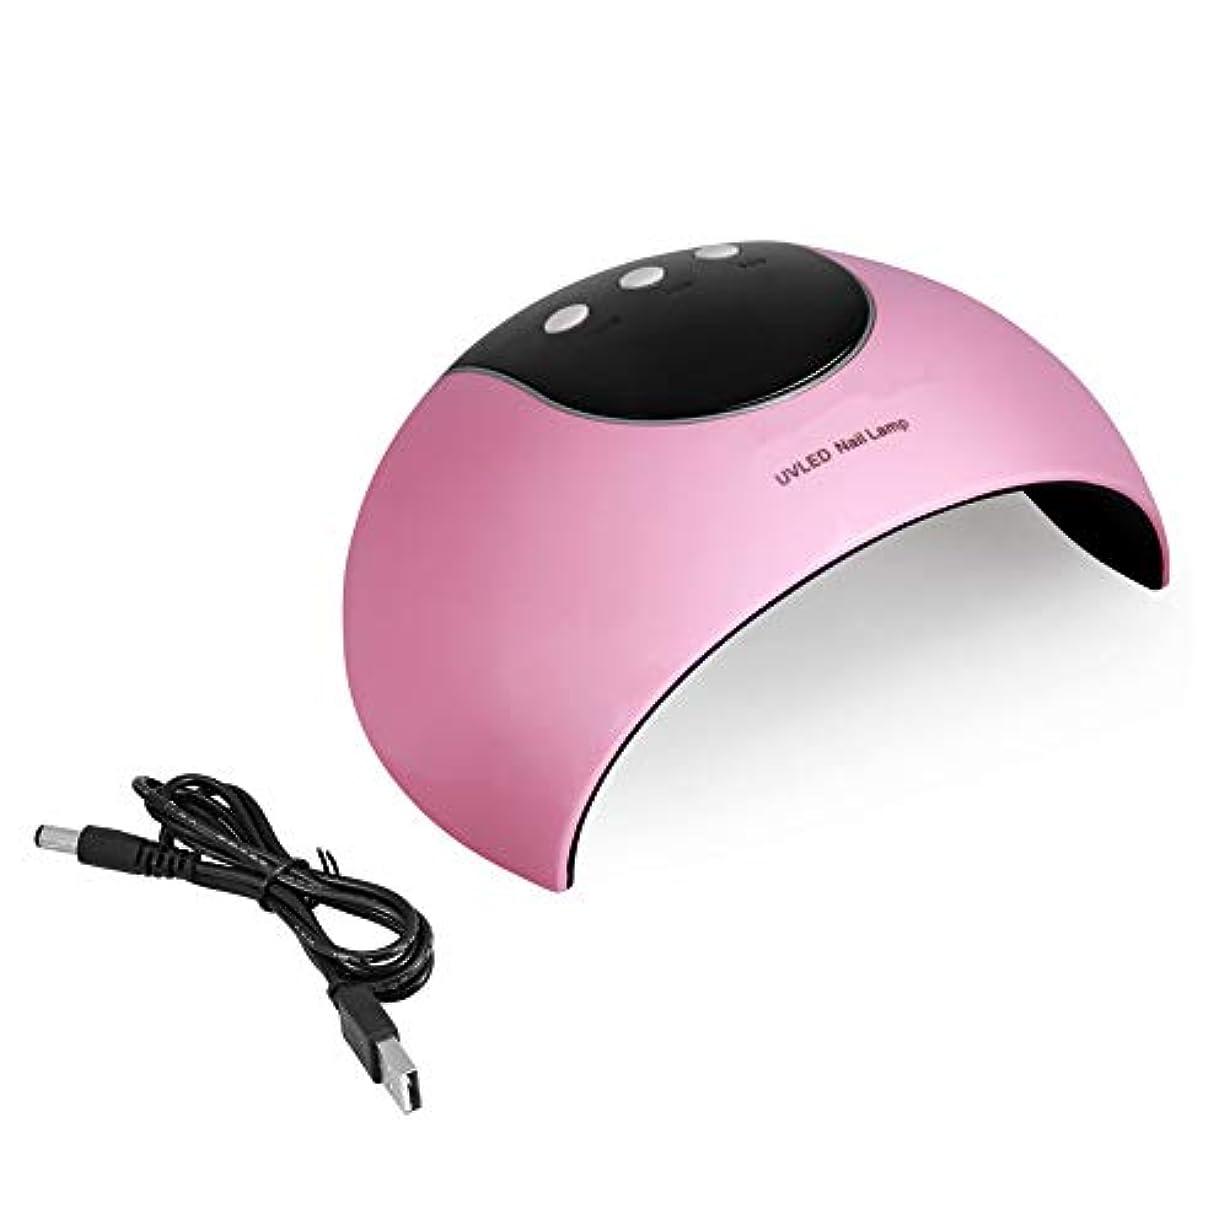 法廷意義発症UVネイルランプ - 24W LEDネイルマニキュアランプネイルポリッシュドライヤーオートセンサーマシンネイルアートドライヤーピンク (Color : Pink)